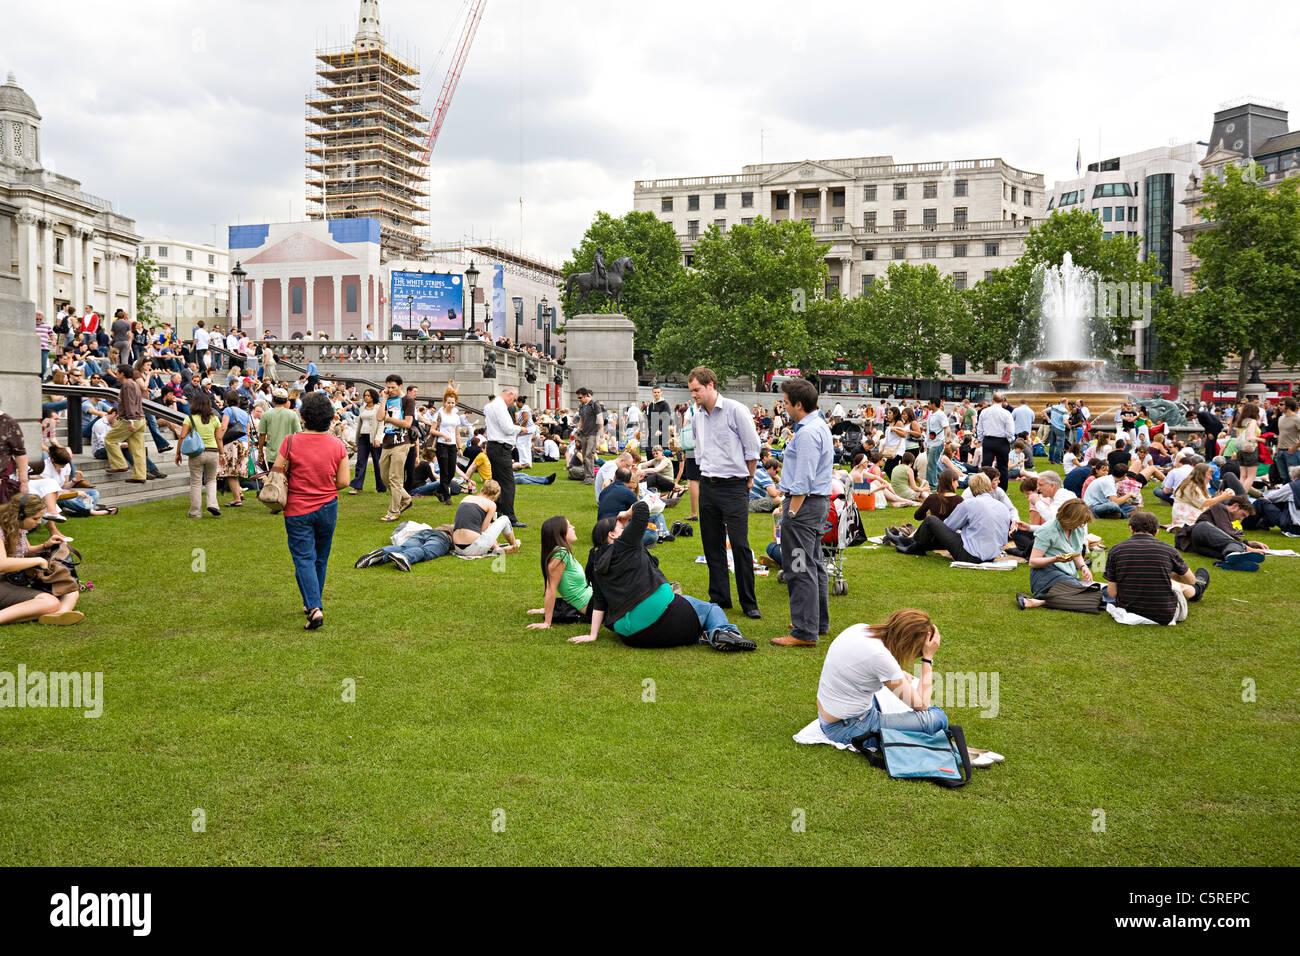 Menschen auf dem Rasen am Trafalgar Square London Vereinigtes Königreich Stockbild